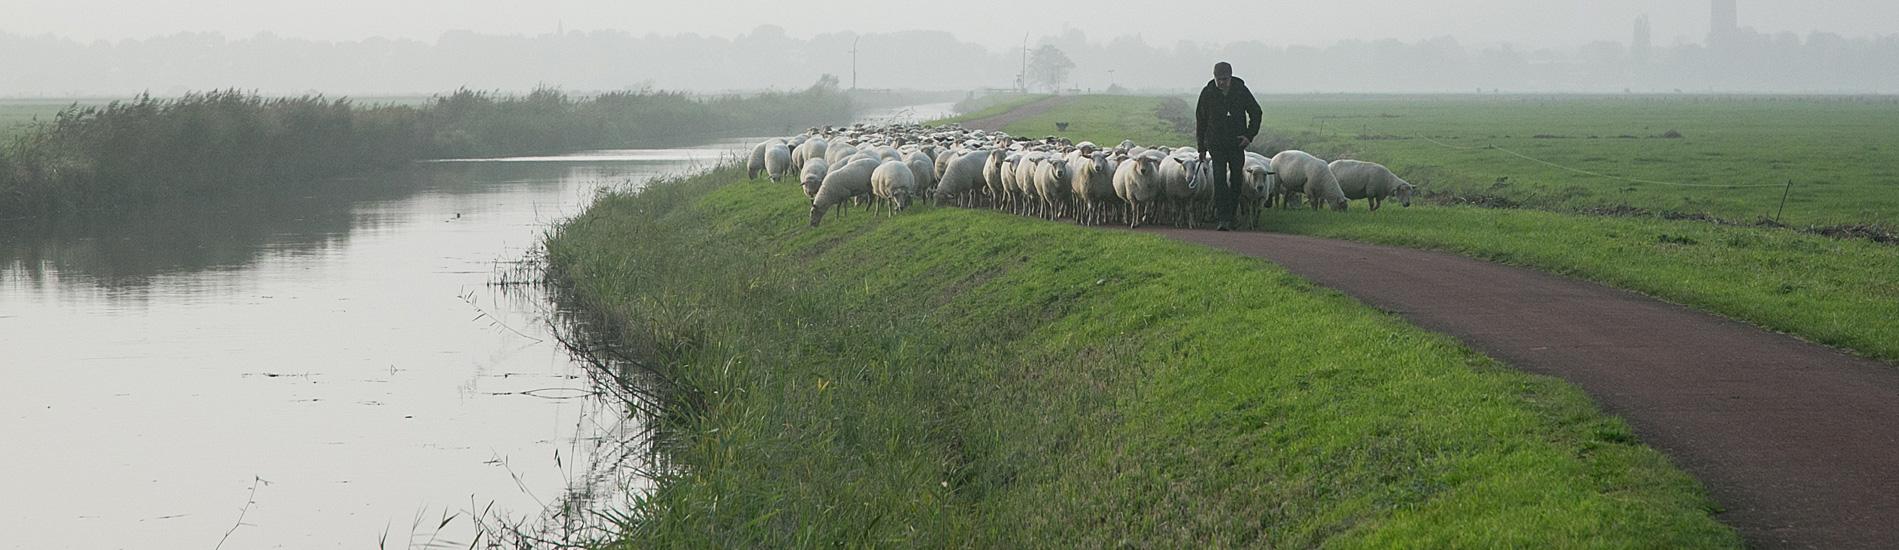 schapenslide